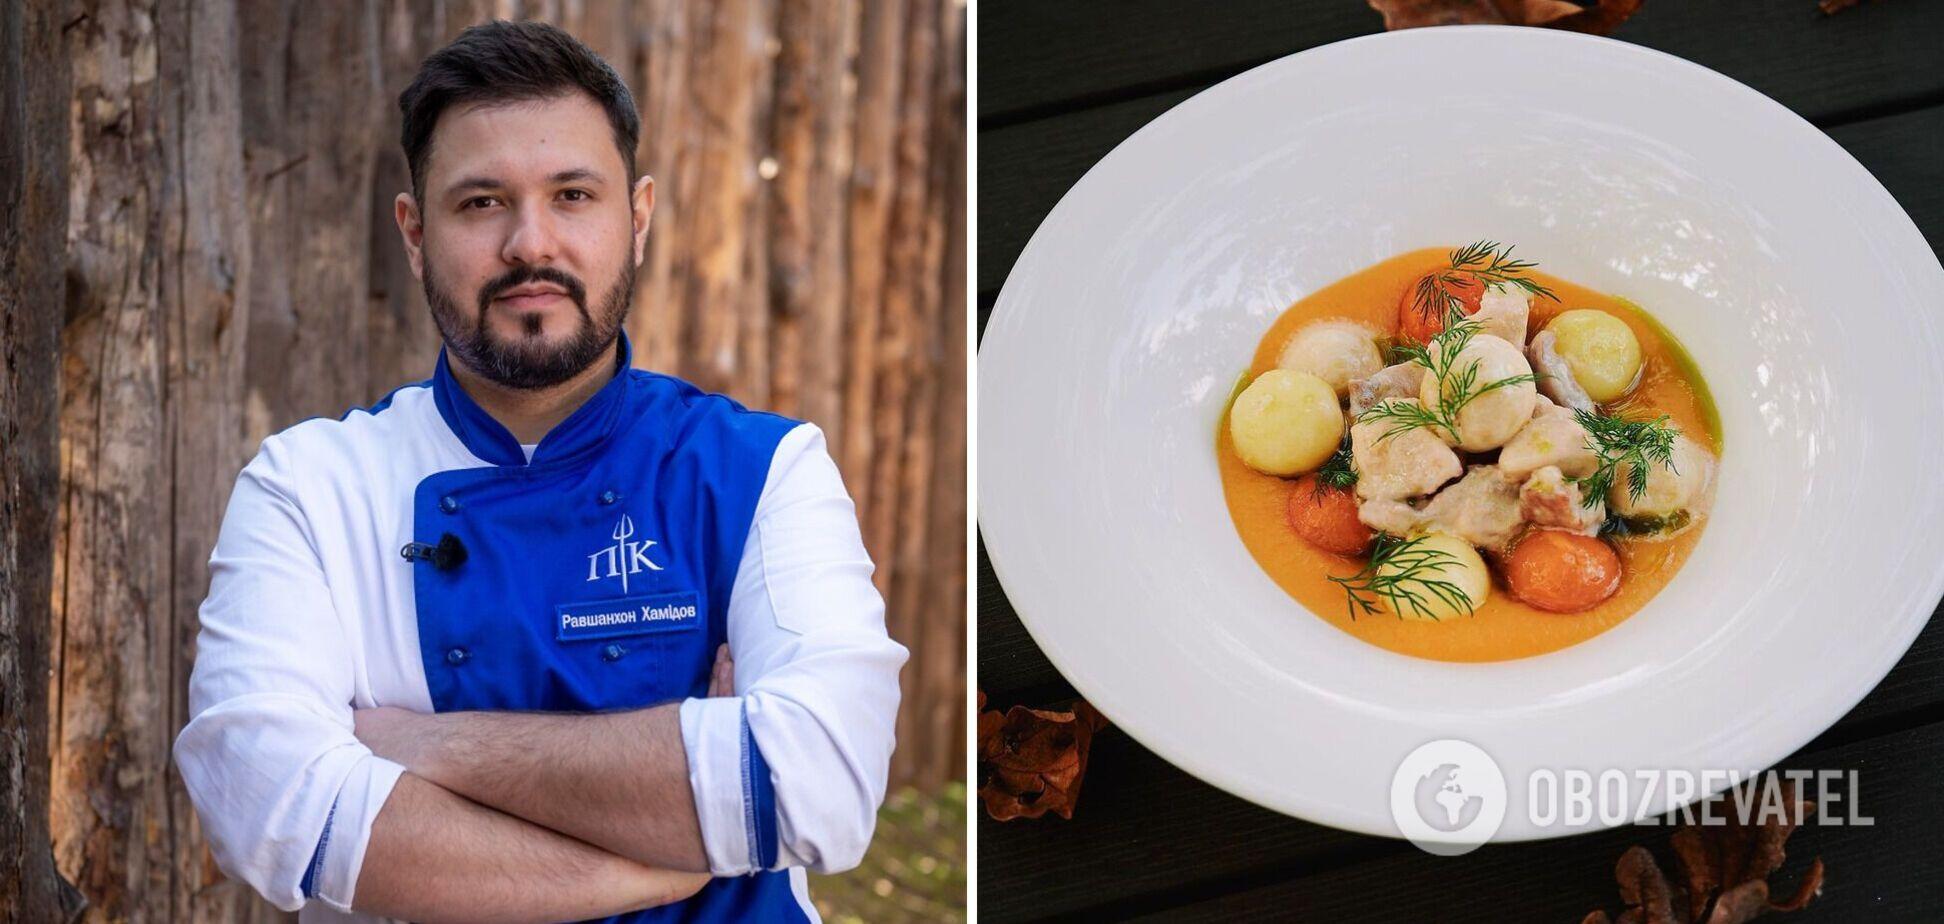 Равшан Хамідов поділився рецептом смачної страви